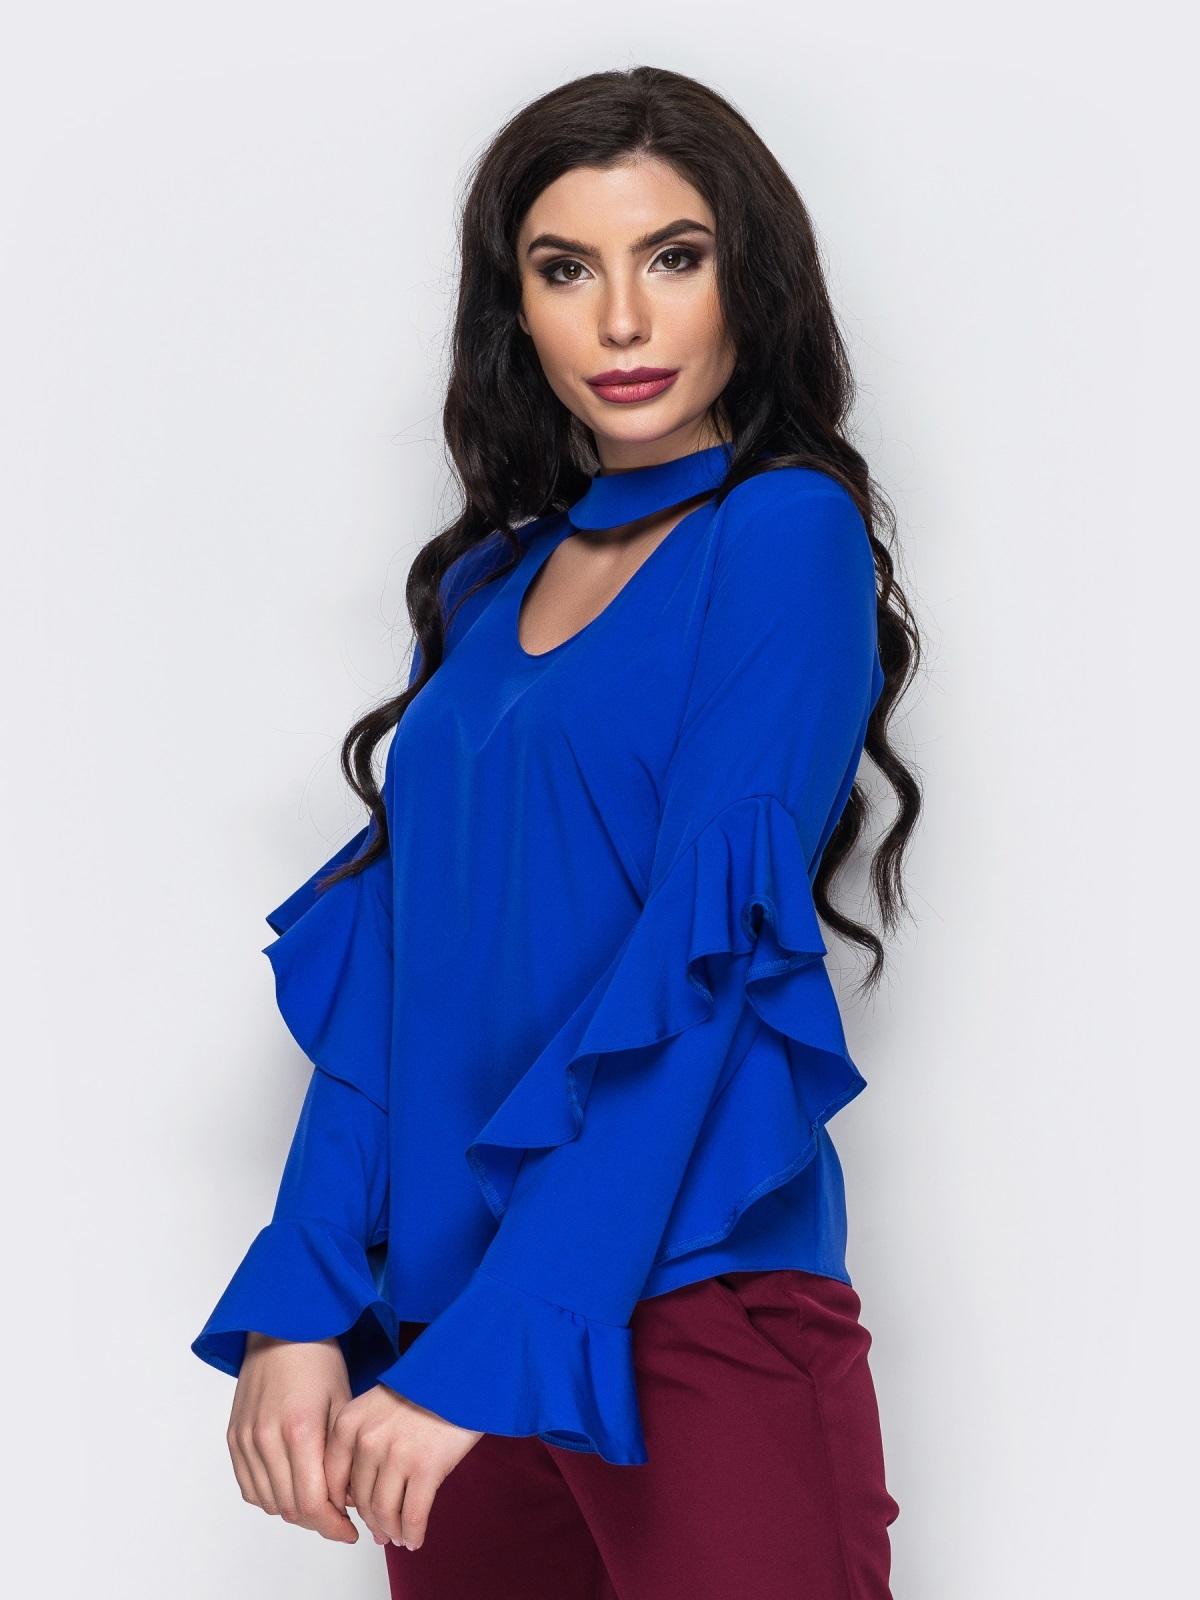 мода весна лето 2018 для женщин 30 лет: синяя блузка рукава с рюшами